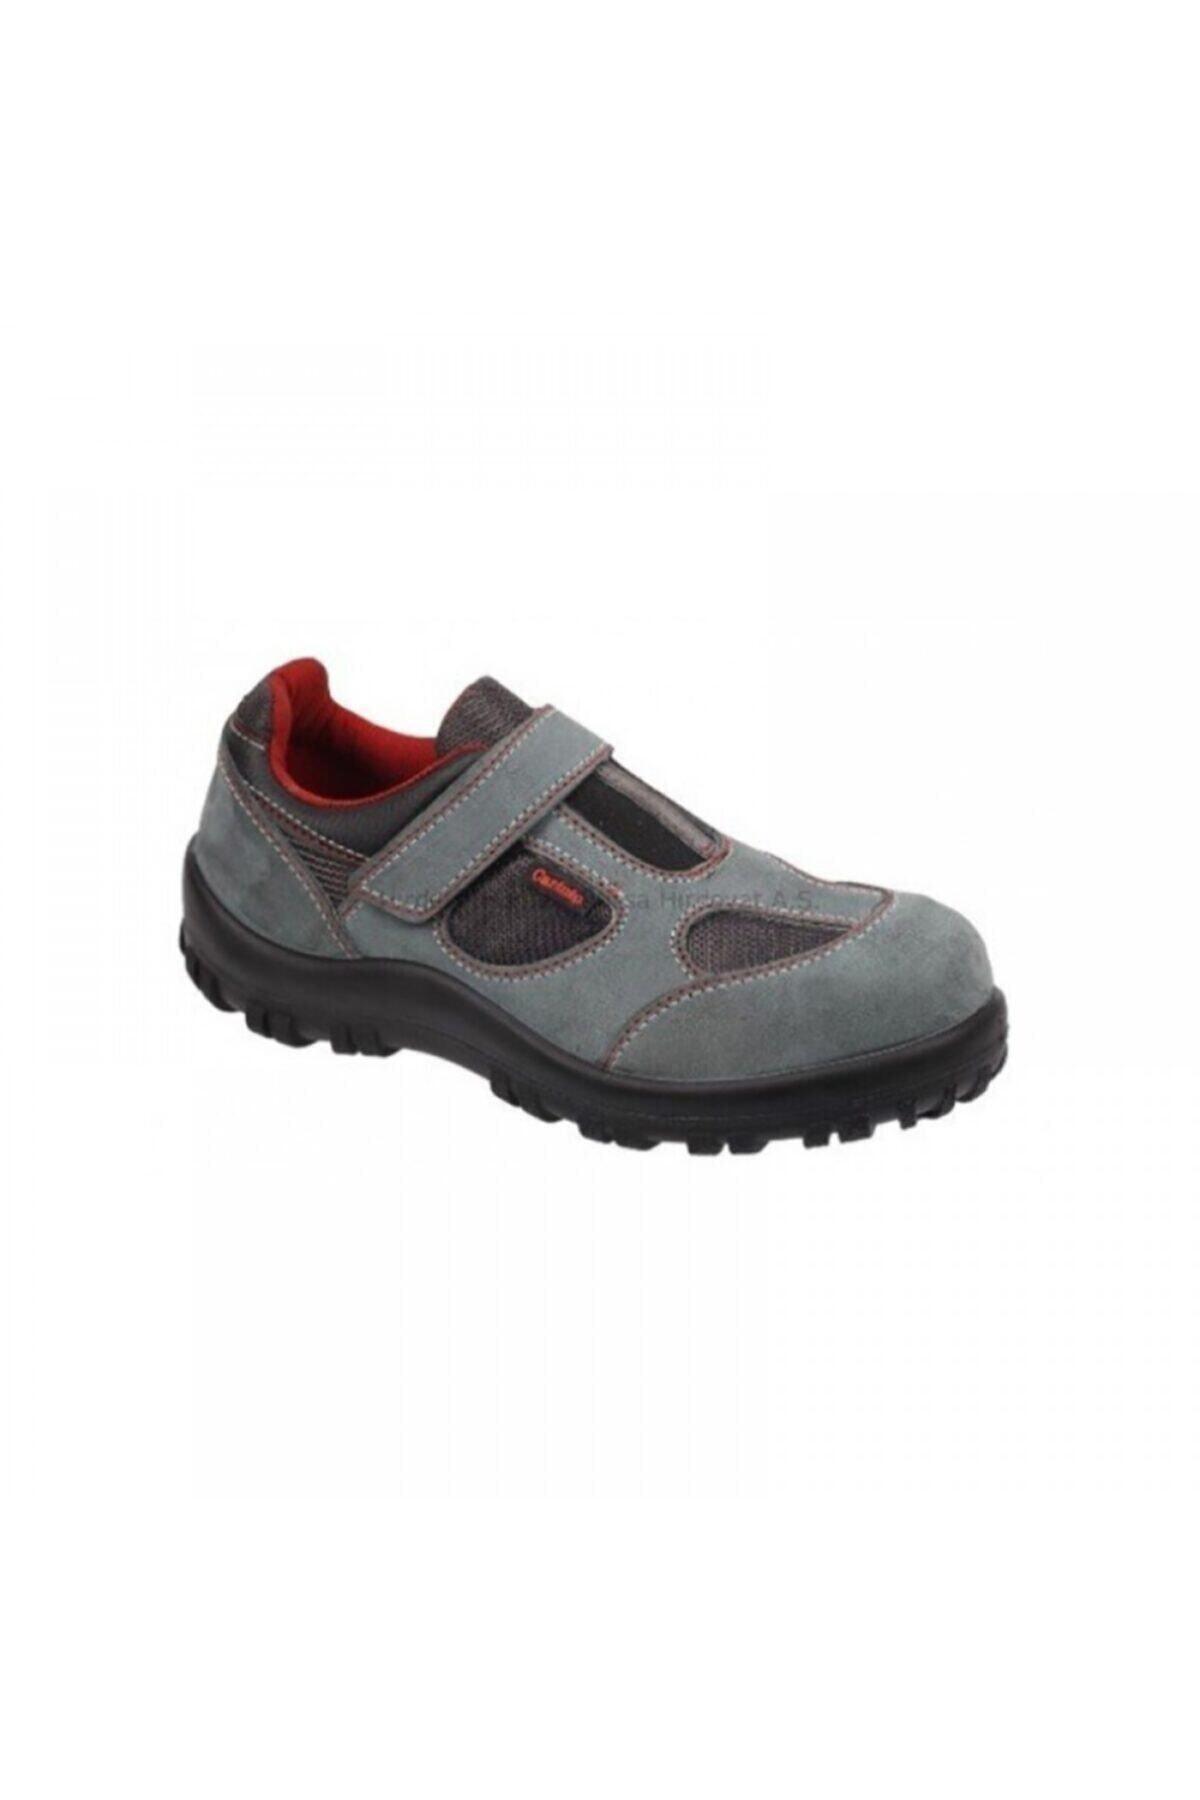 İş Ayakkabısı Çizmesi